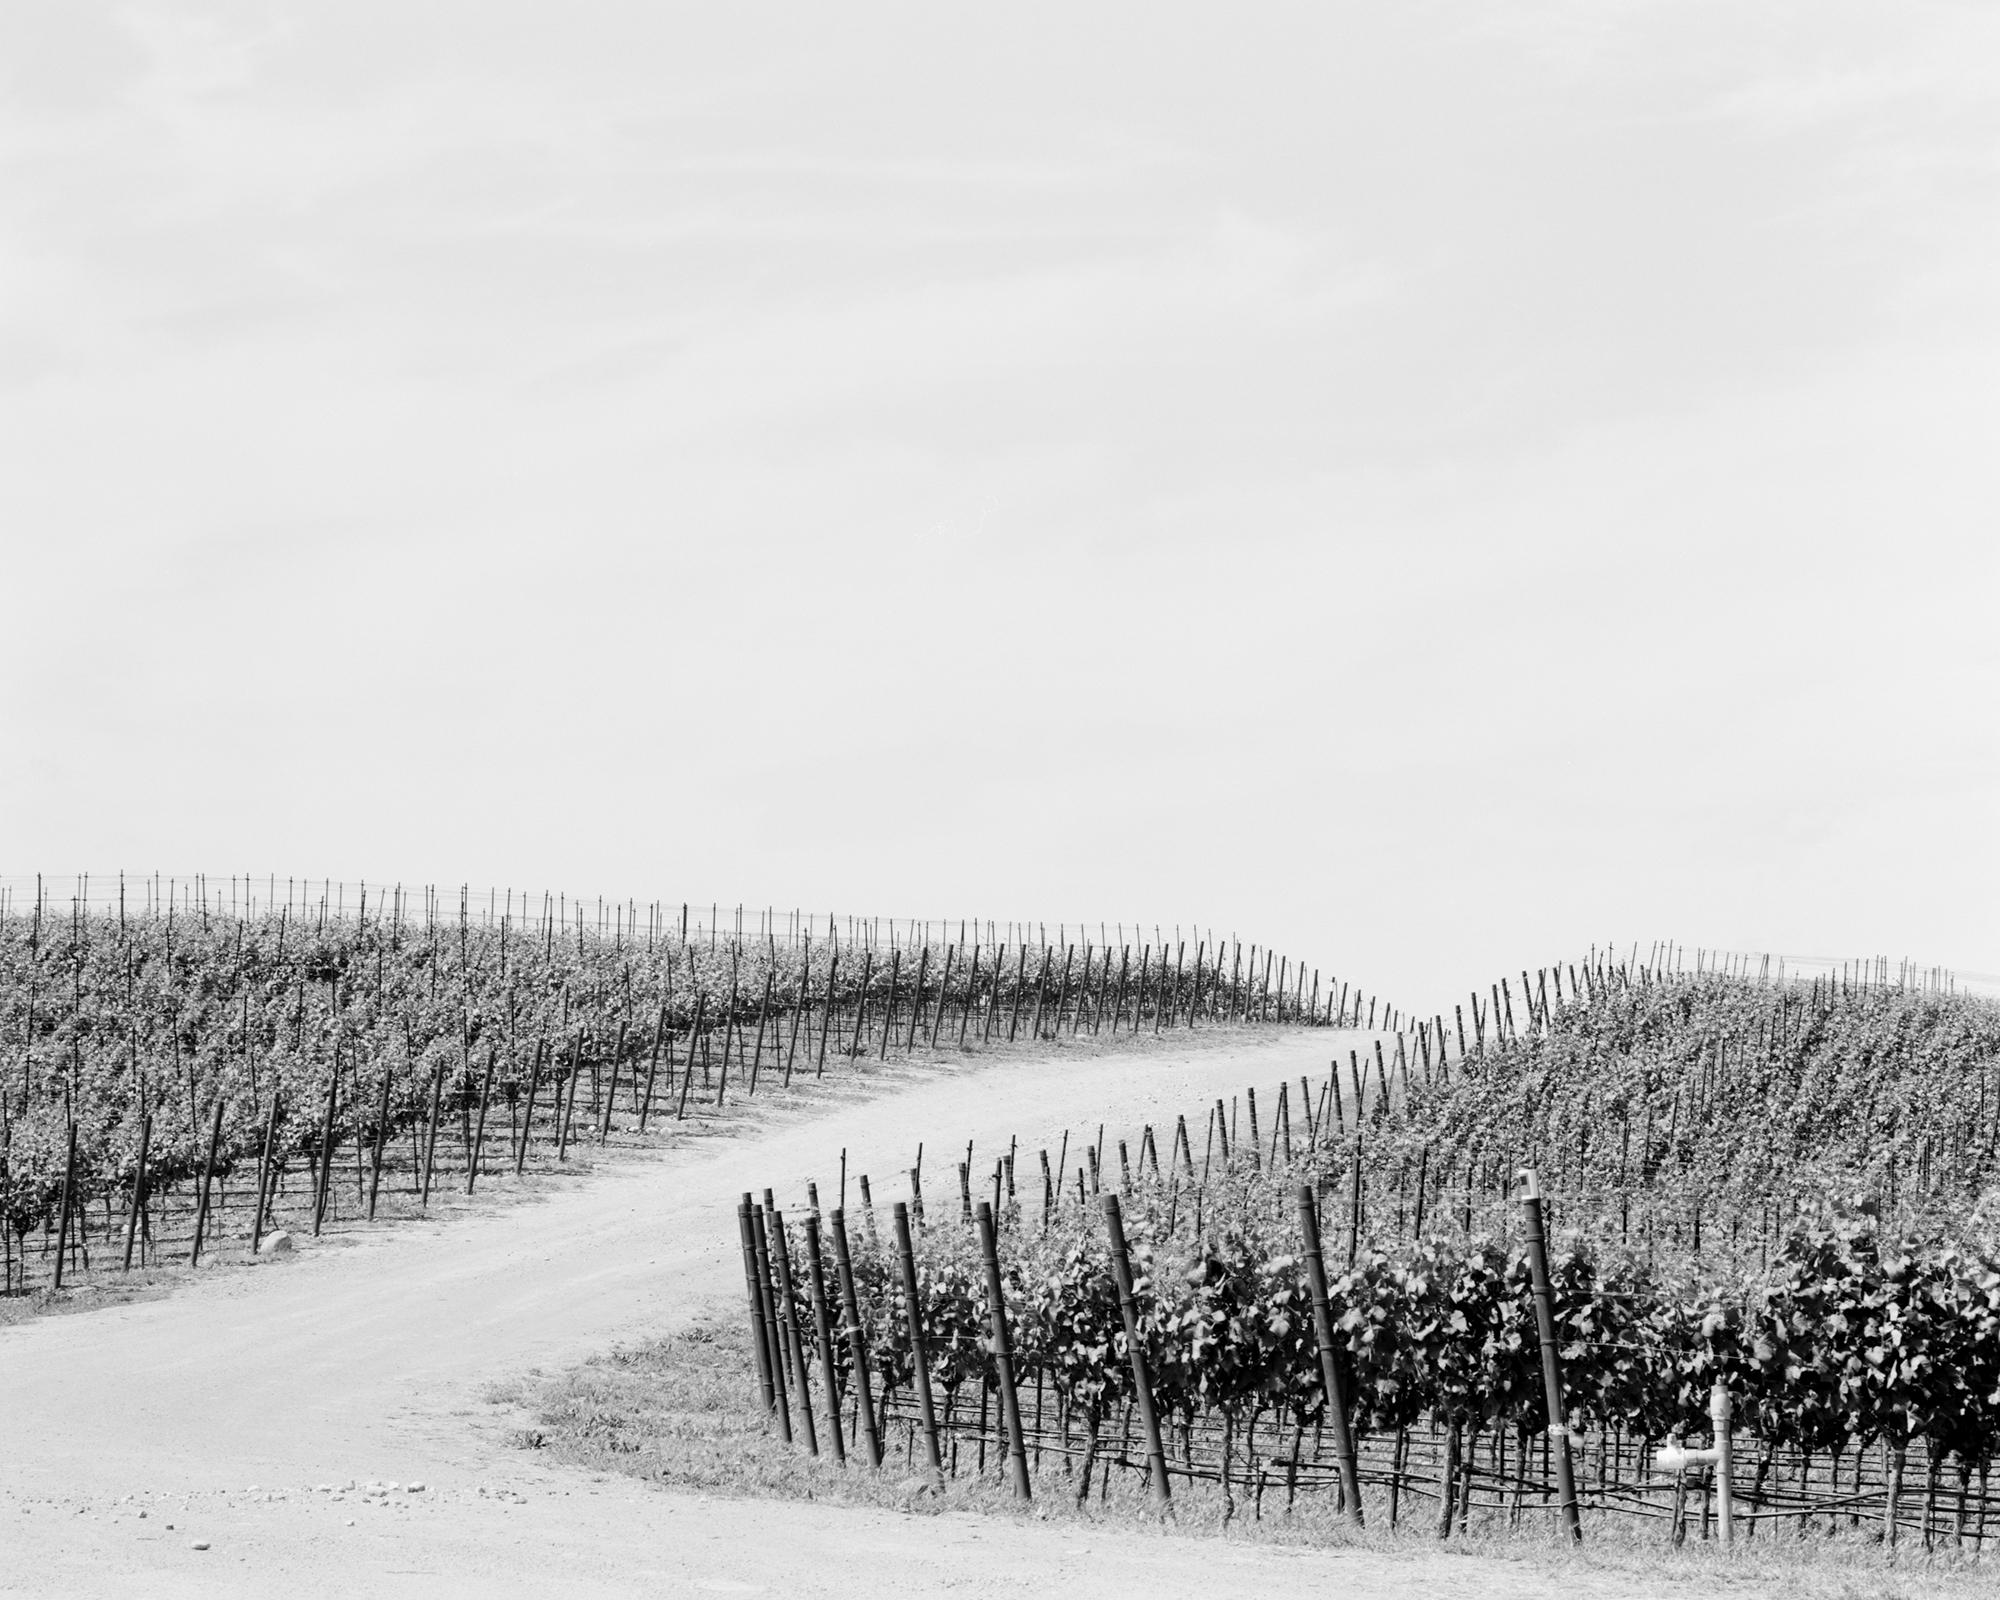 Vineyard no. 2